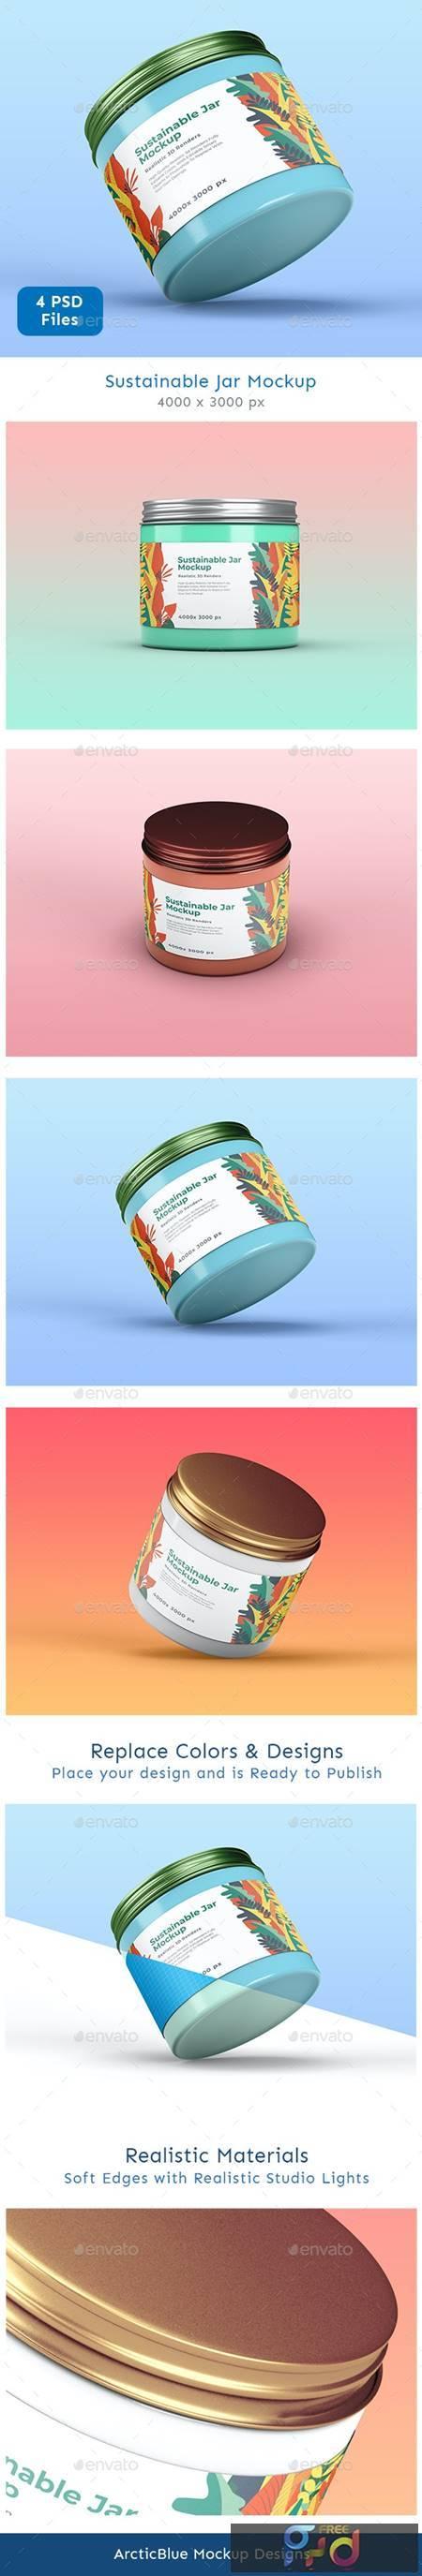 Sustainable Jar Mockup 26477469 1